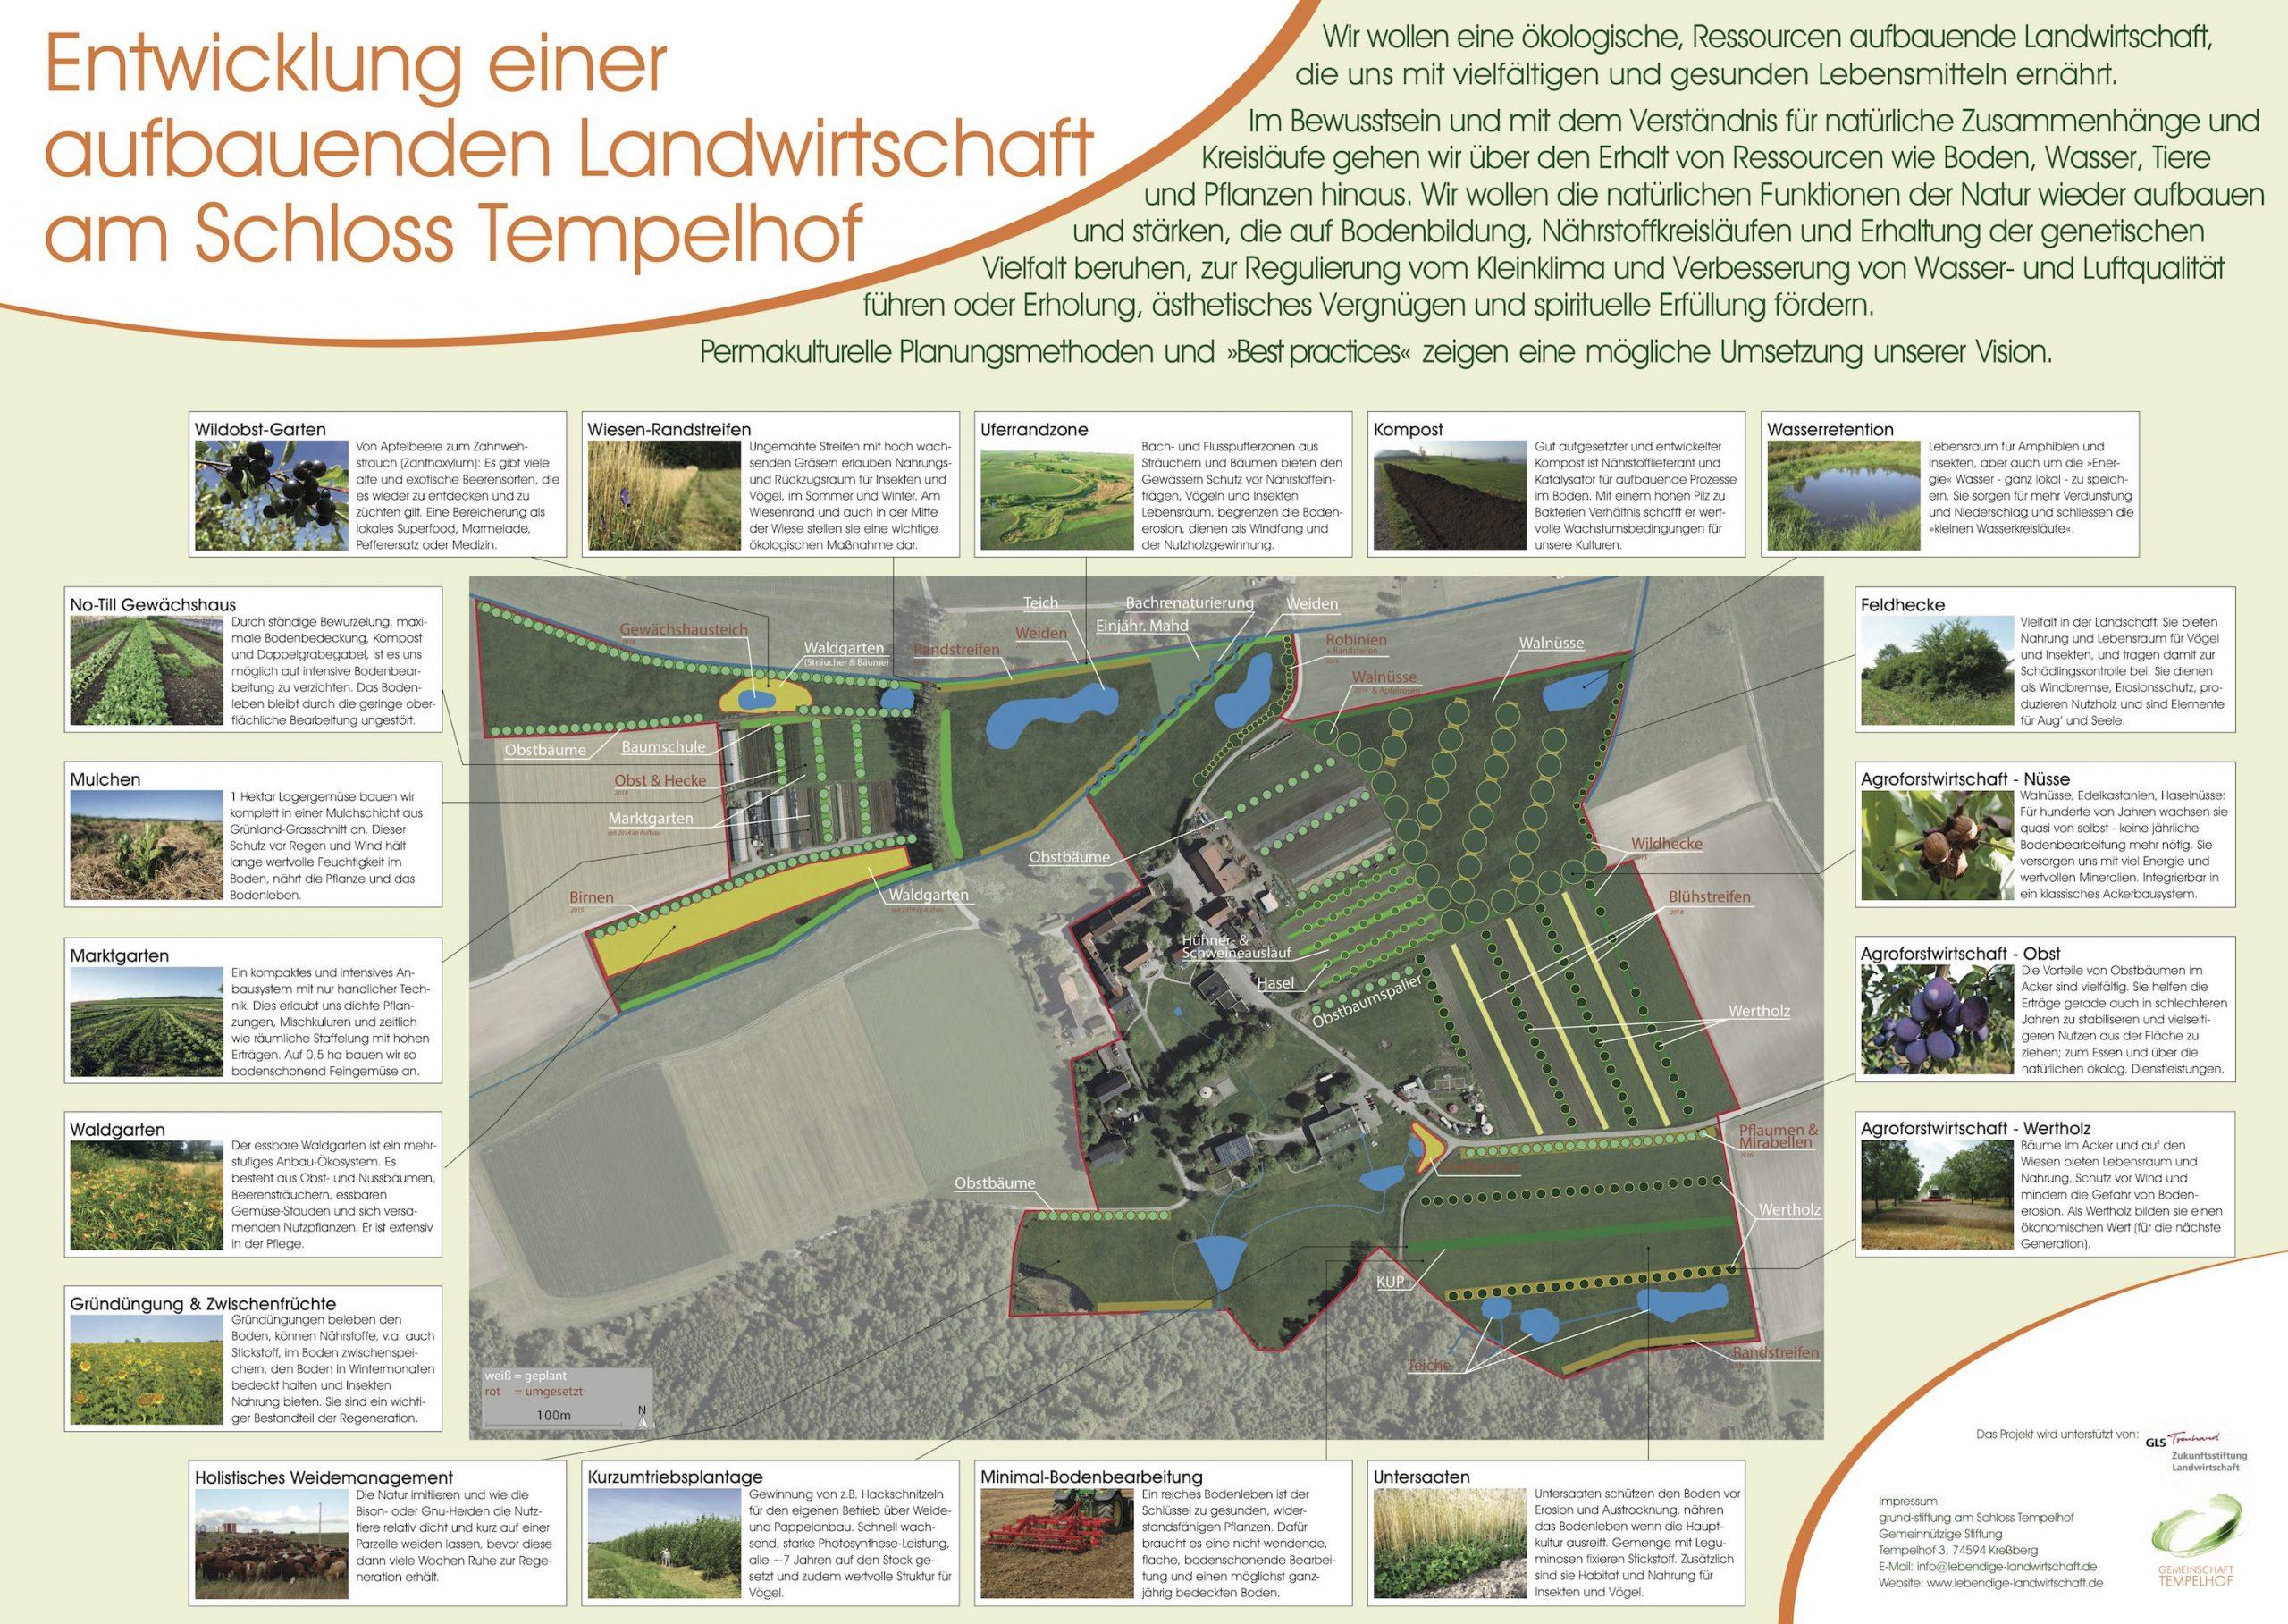 Seminar: Permakultur in der Landwirtschaft, 26.-28.6.2020, Schloss Tempelhof